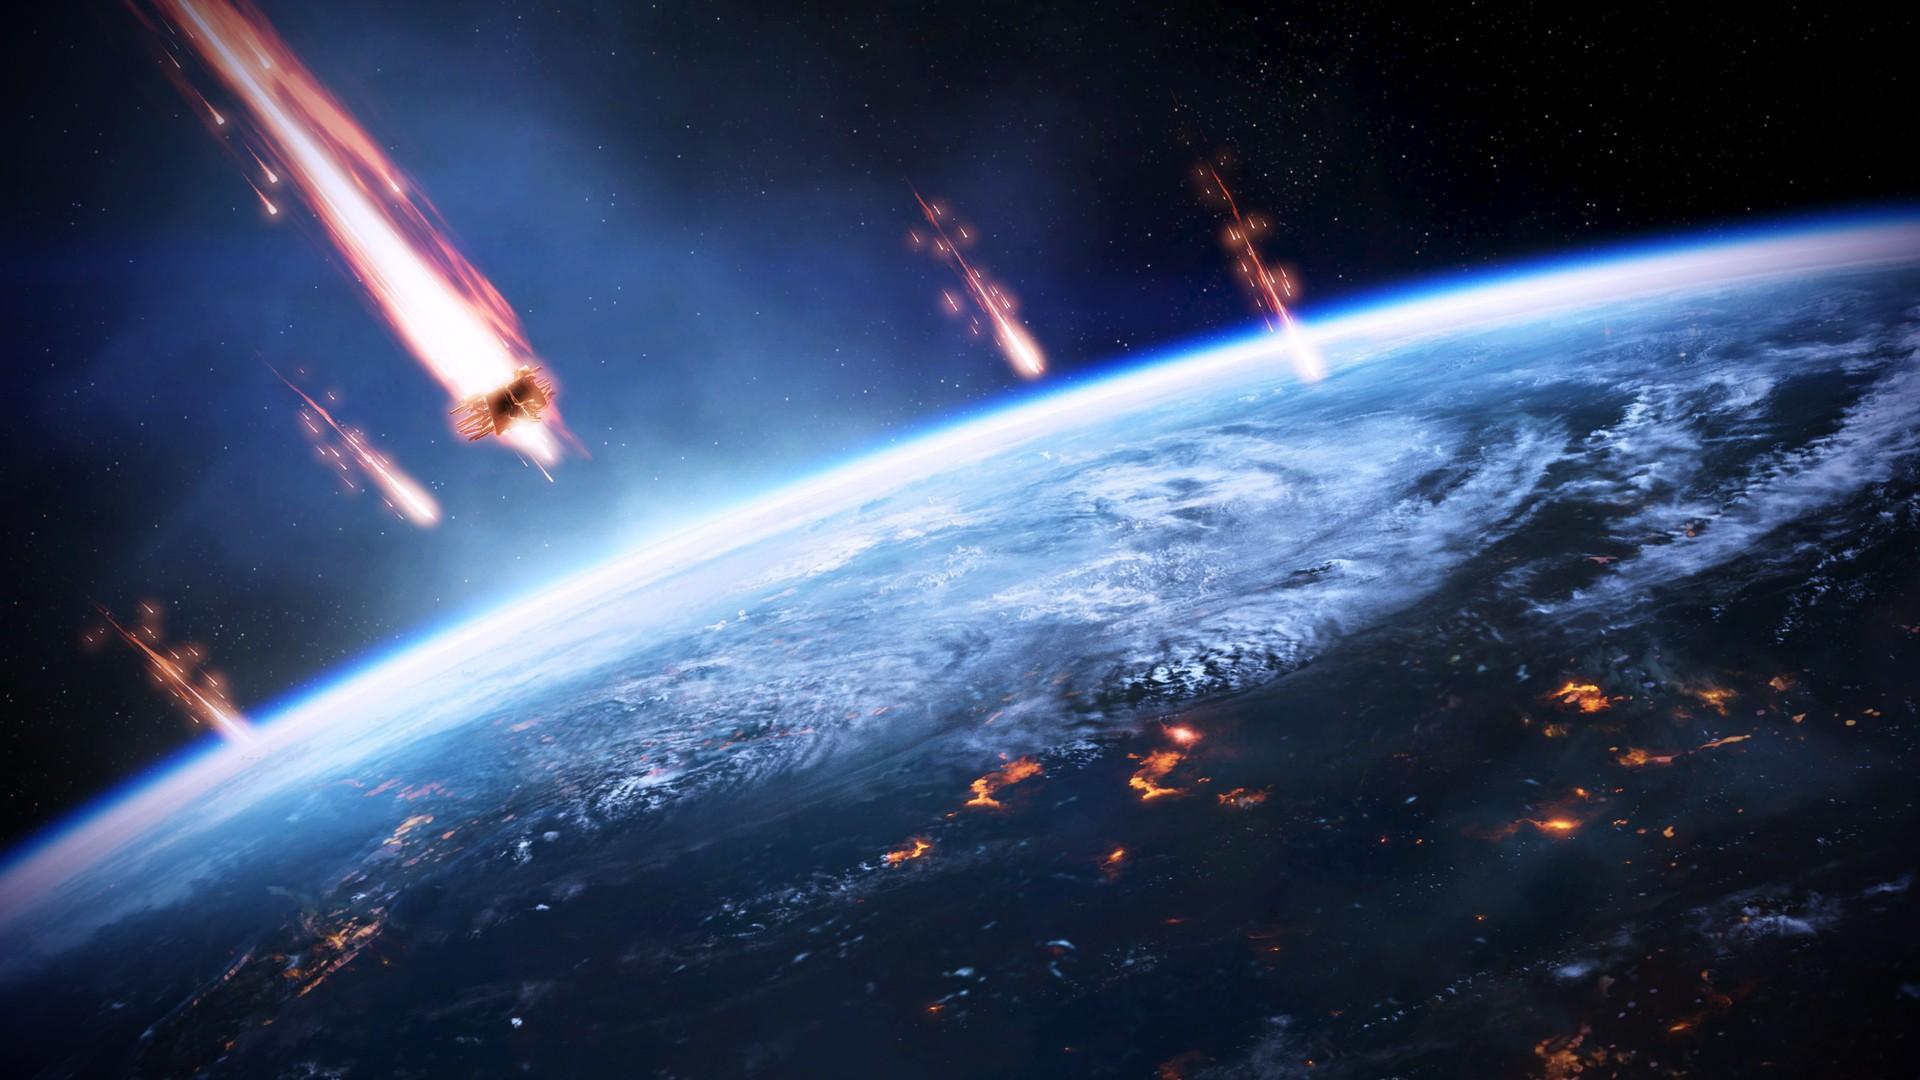 Mass Effect Reapers Wallpaper